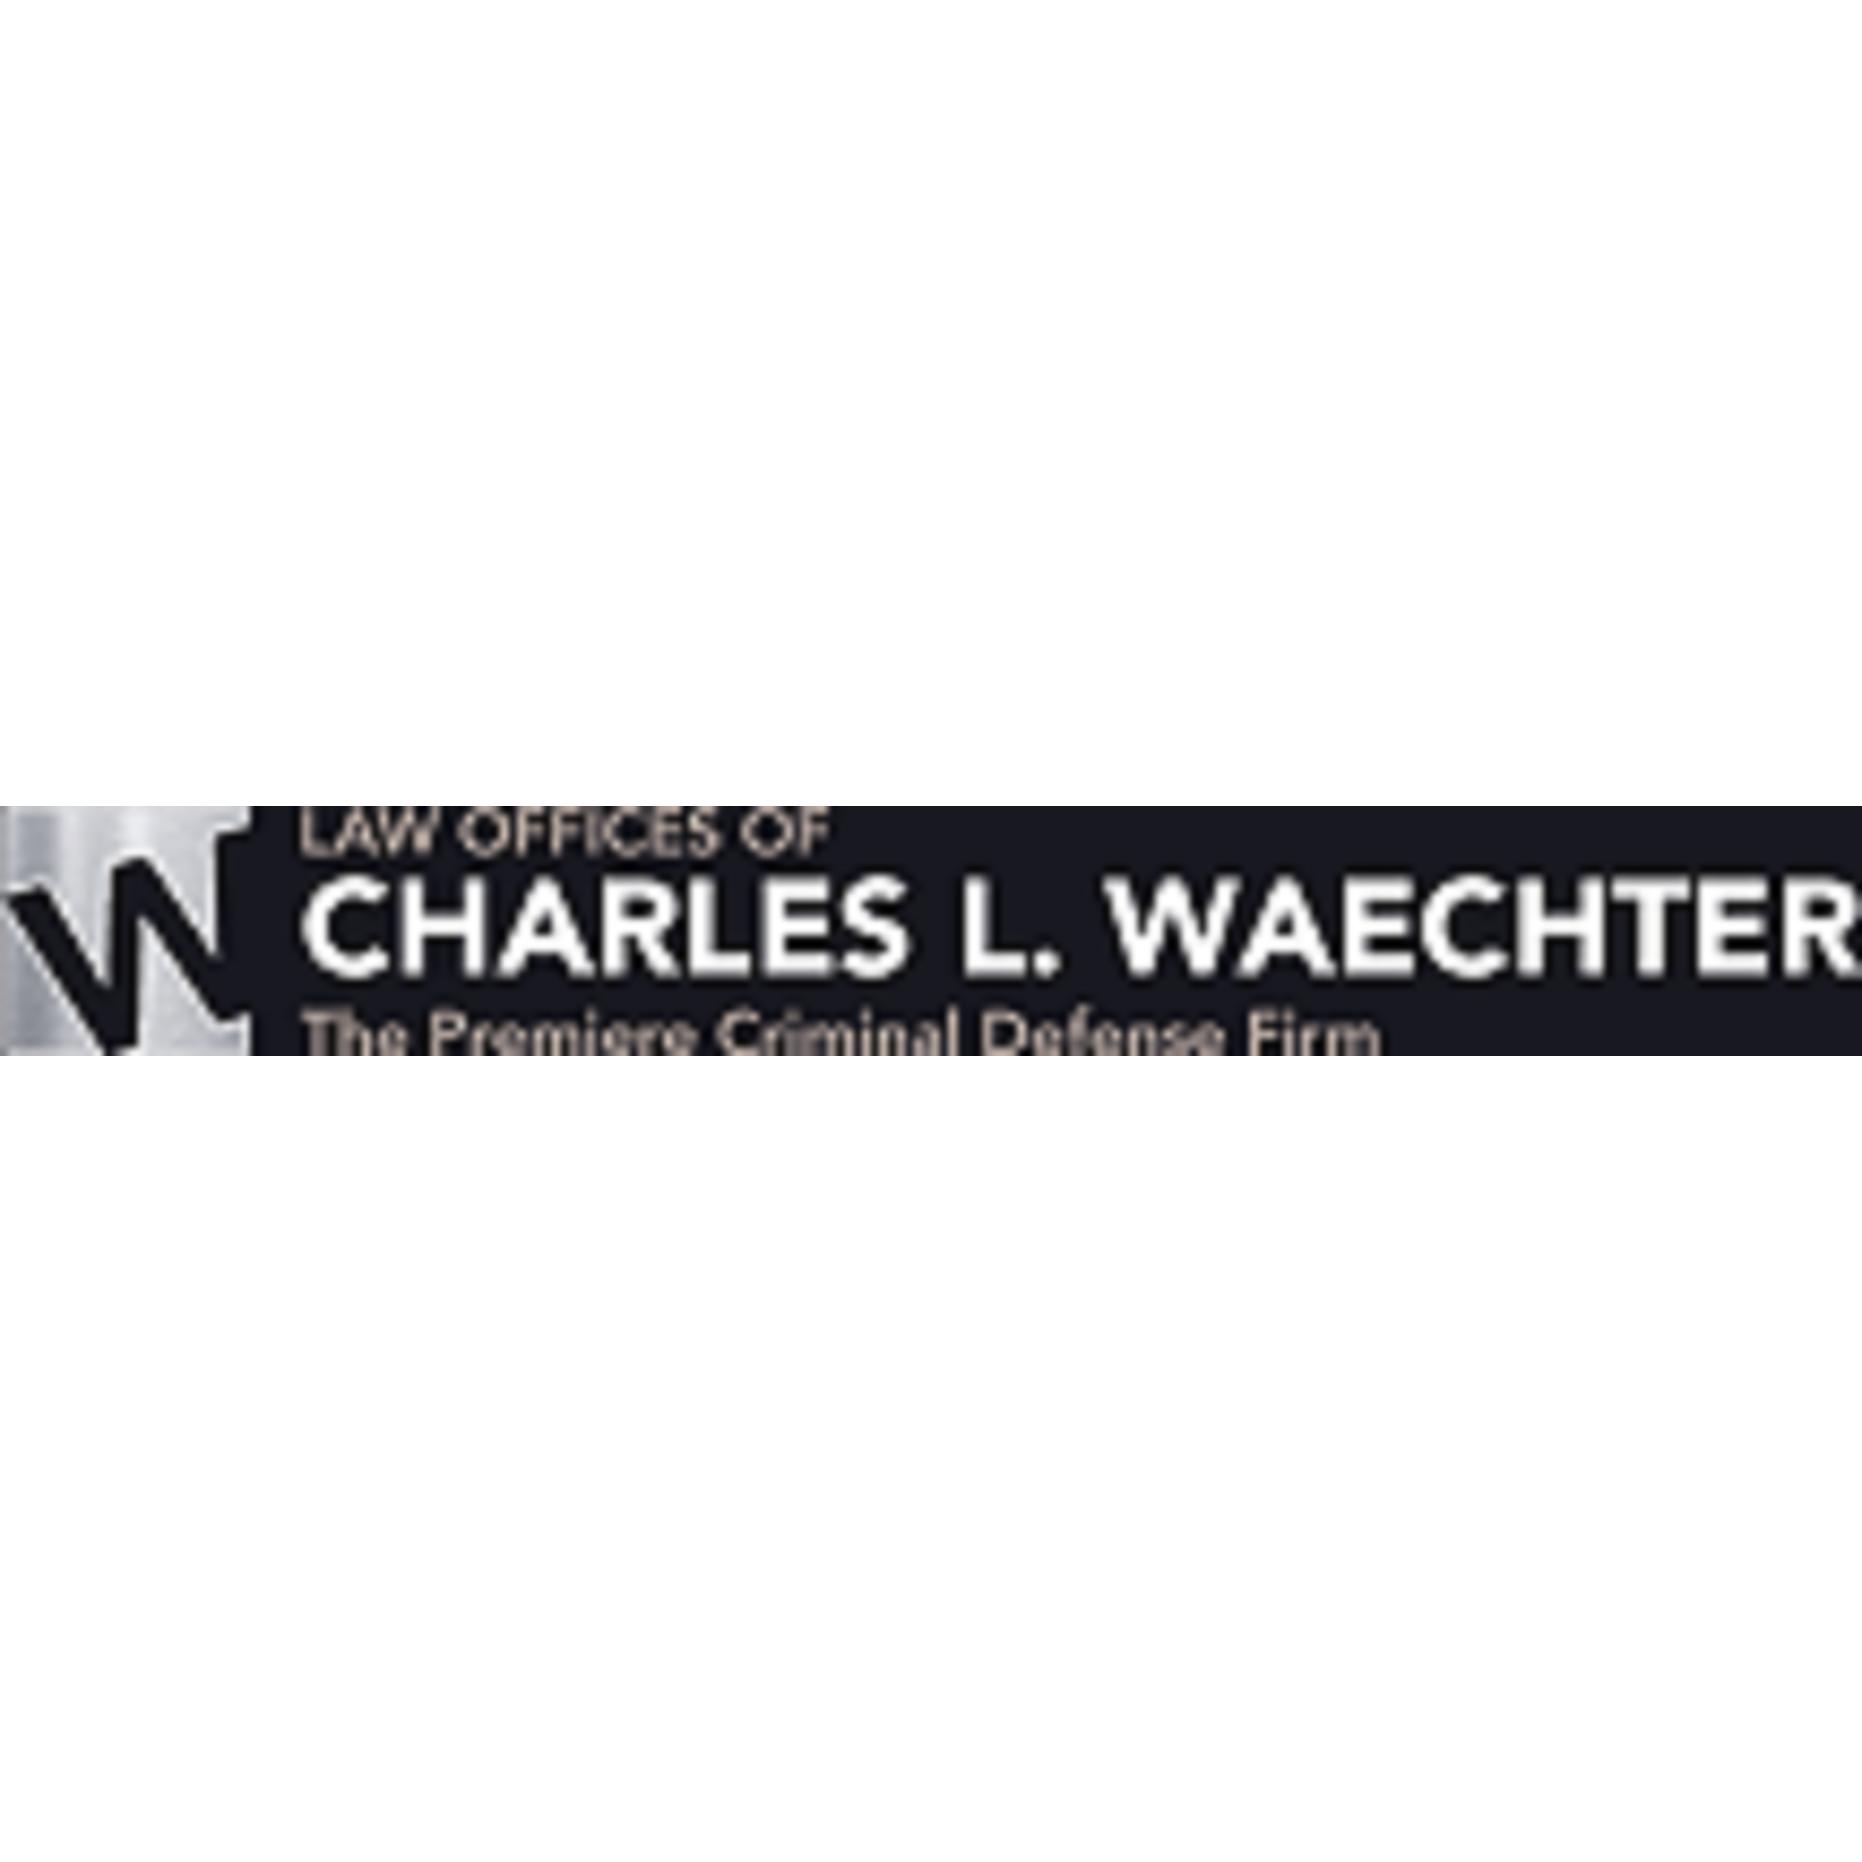 Charles L. Waechter